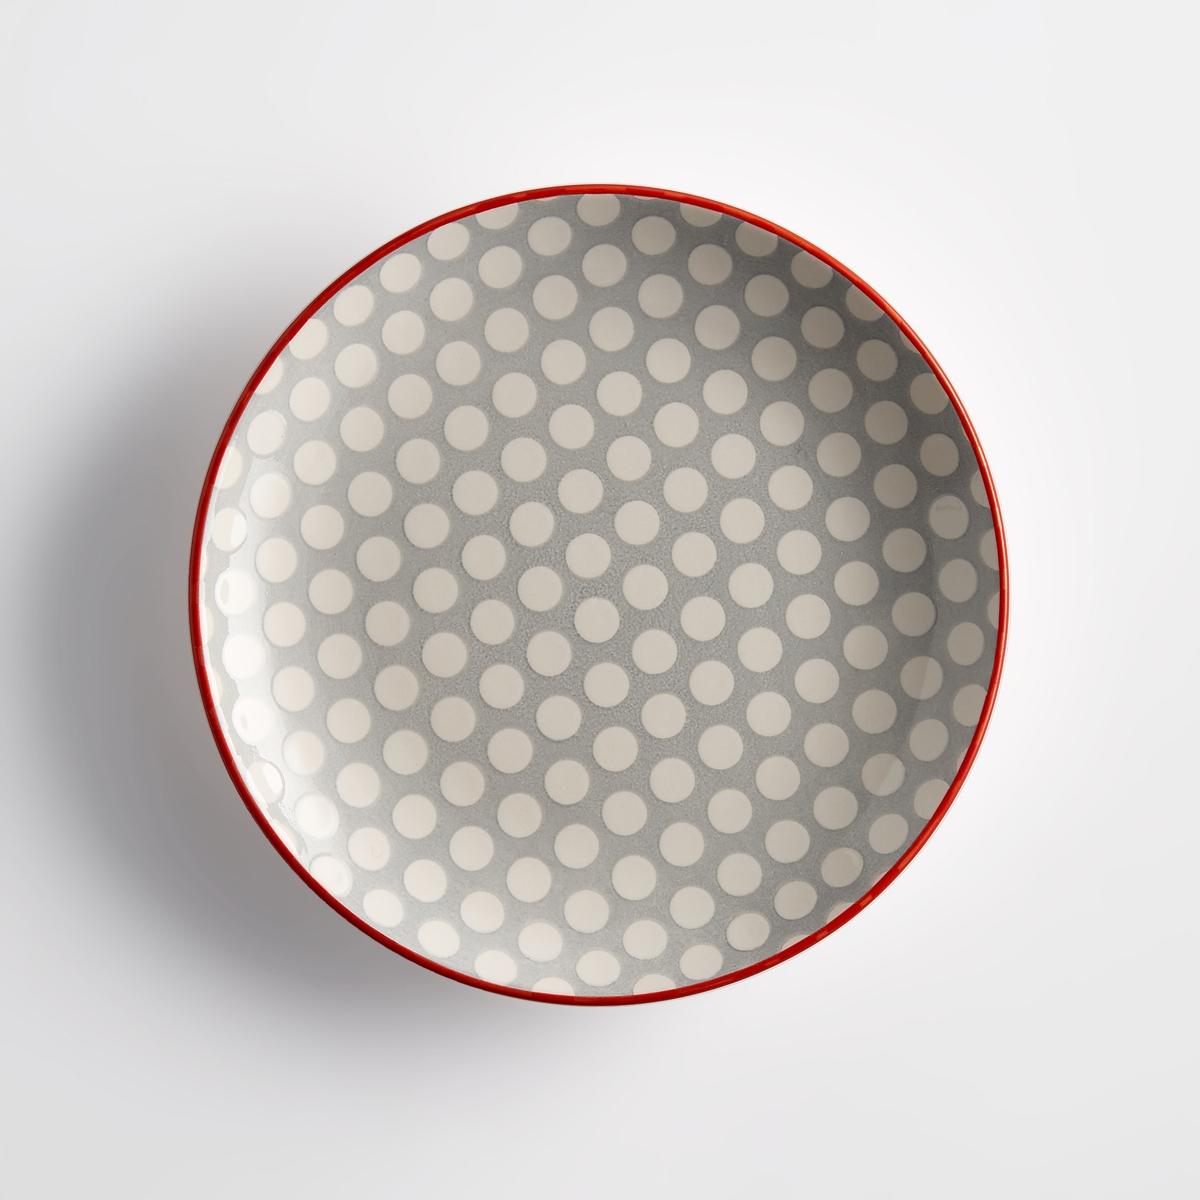 4 десертные тарелки из фаянса, DotkaУсовершенствованная форма тарелки Dotka обеспечивает ее функциональность, графический рисунок придает ей индивидуальность, которая отлично сочетается с любым стилем современной кухни. Характеристики 4 тарелок из фаянса Dotka :Из фаянса.Рисунок в горошек.Однотонная кайма контрастного цвета.Размеры 4 тарелок из фаянса Dotka :Диаметр. 19 см.Другие тарелки и предметы декора стола вы можете найти на сайте laredoute.ru<br><br>Цвет: в горошек розовый/белый,в горошек серый/белый,зеленый в горошек экрю